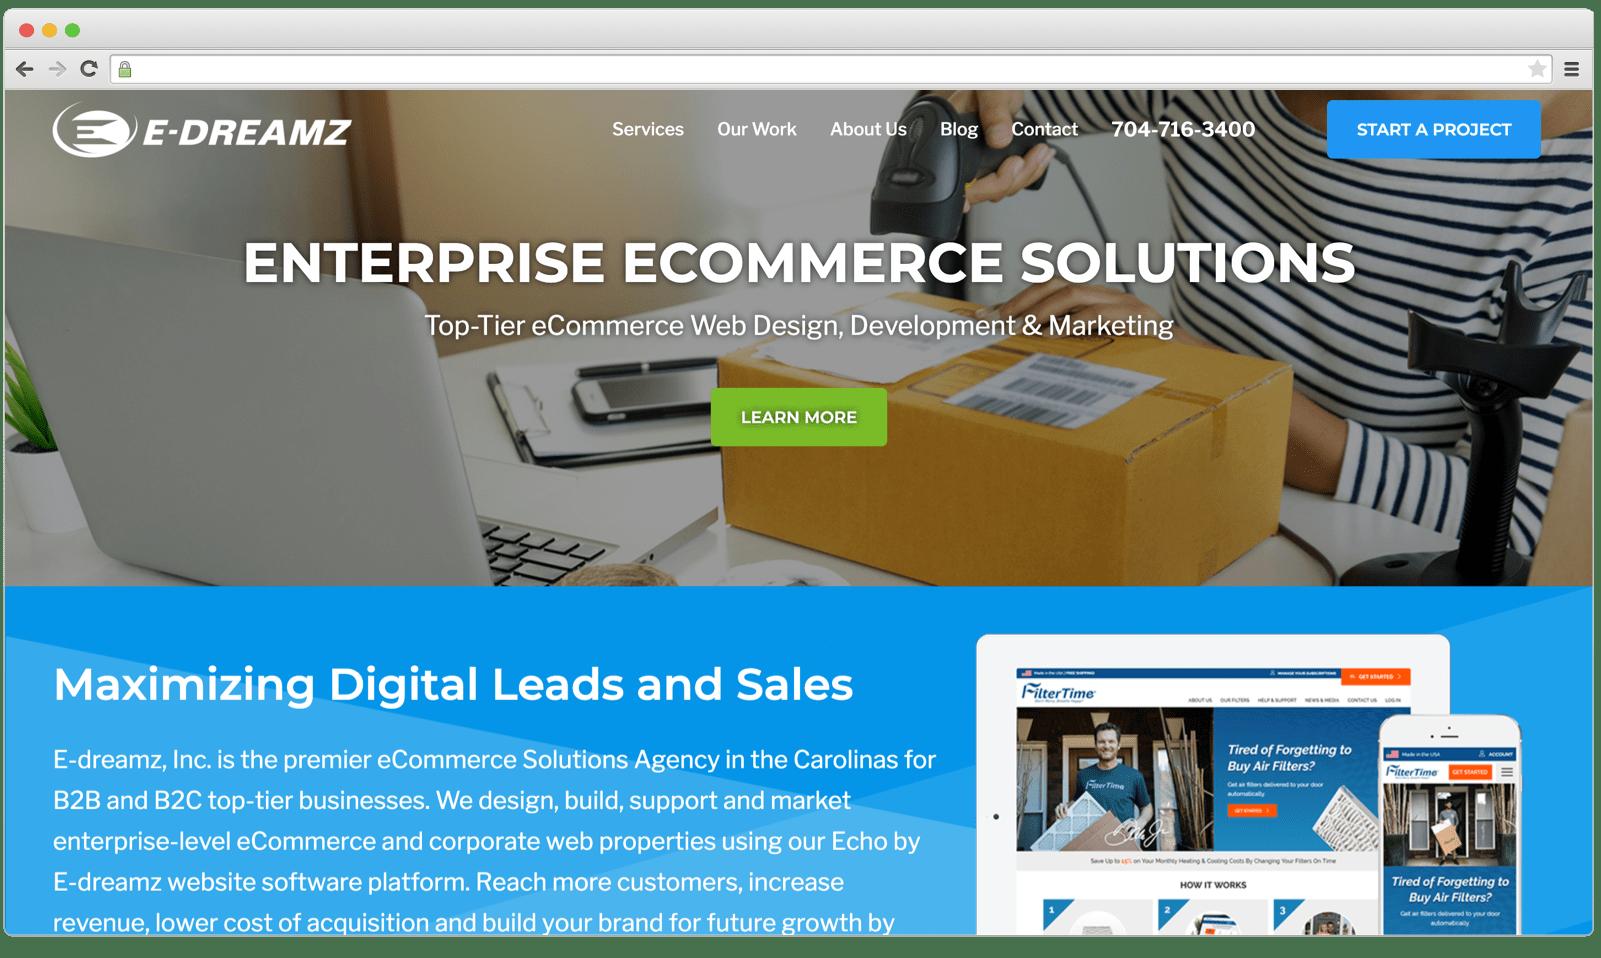 E-dreamz, Inc.